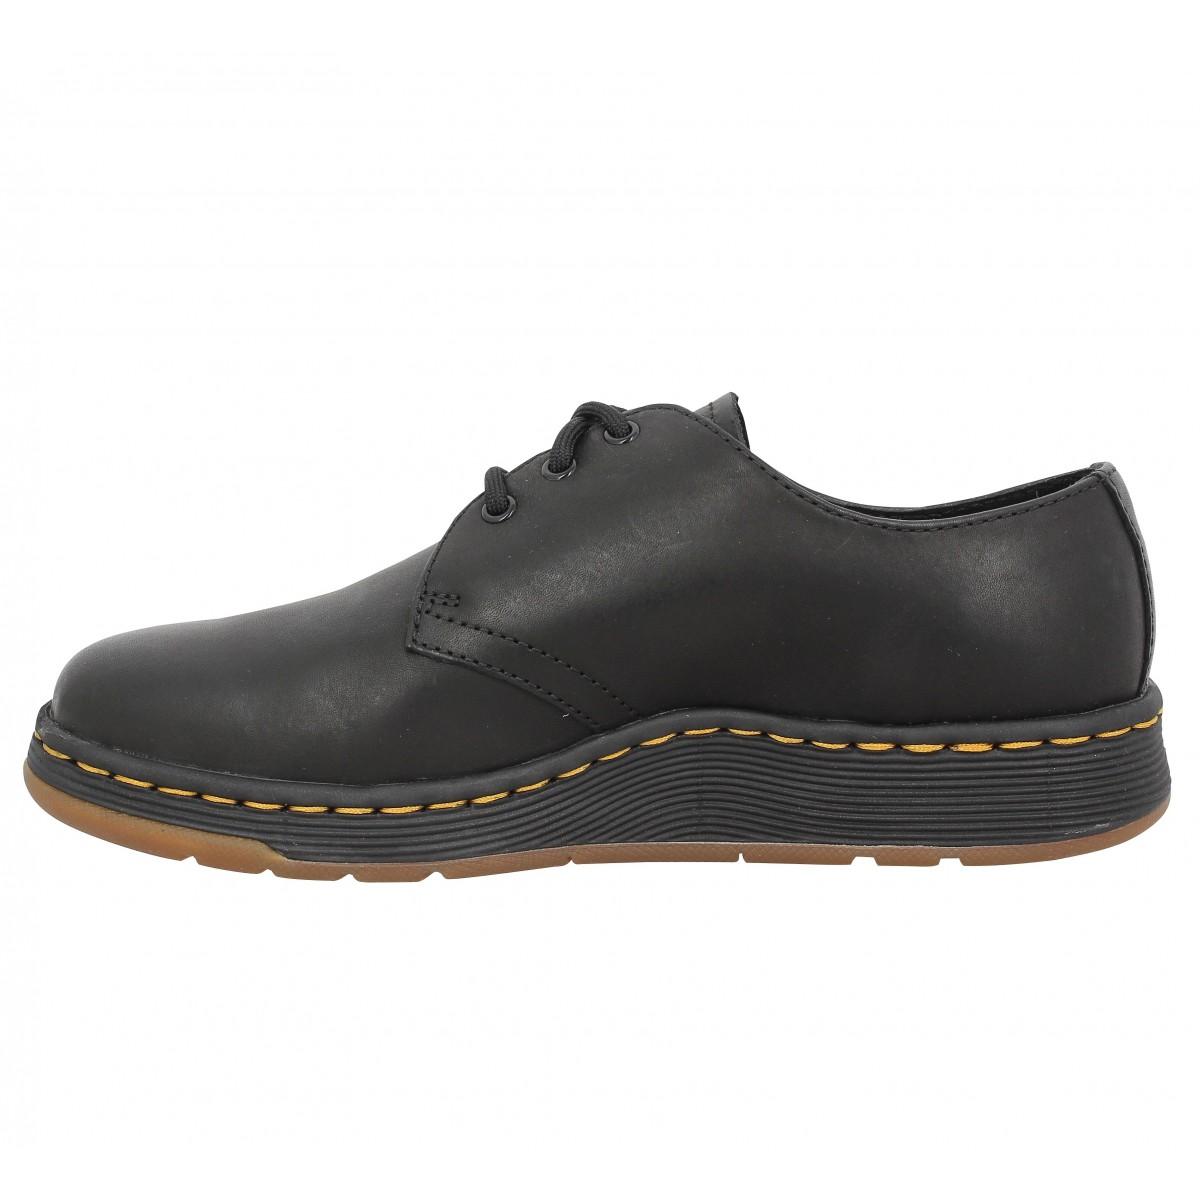 Dr martens cavendish femme noir femme   Fanny chaussures